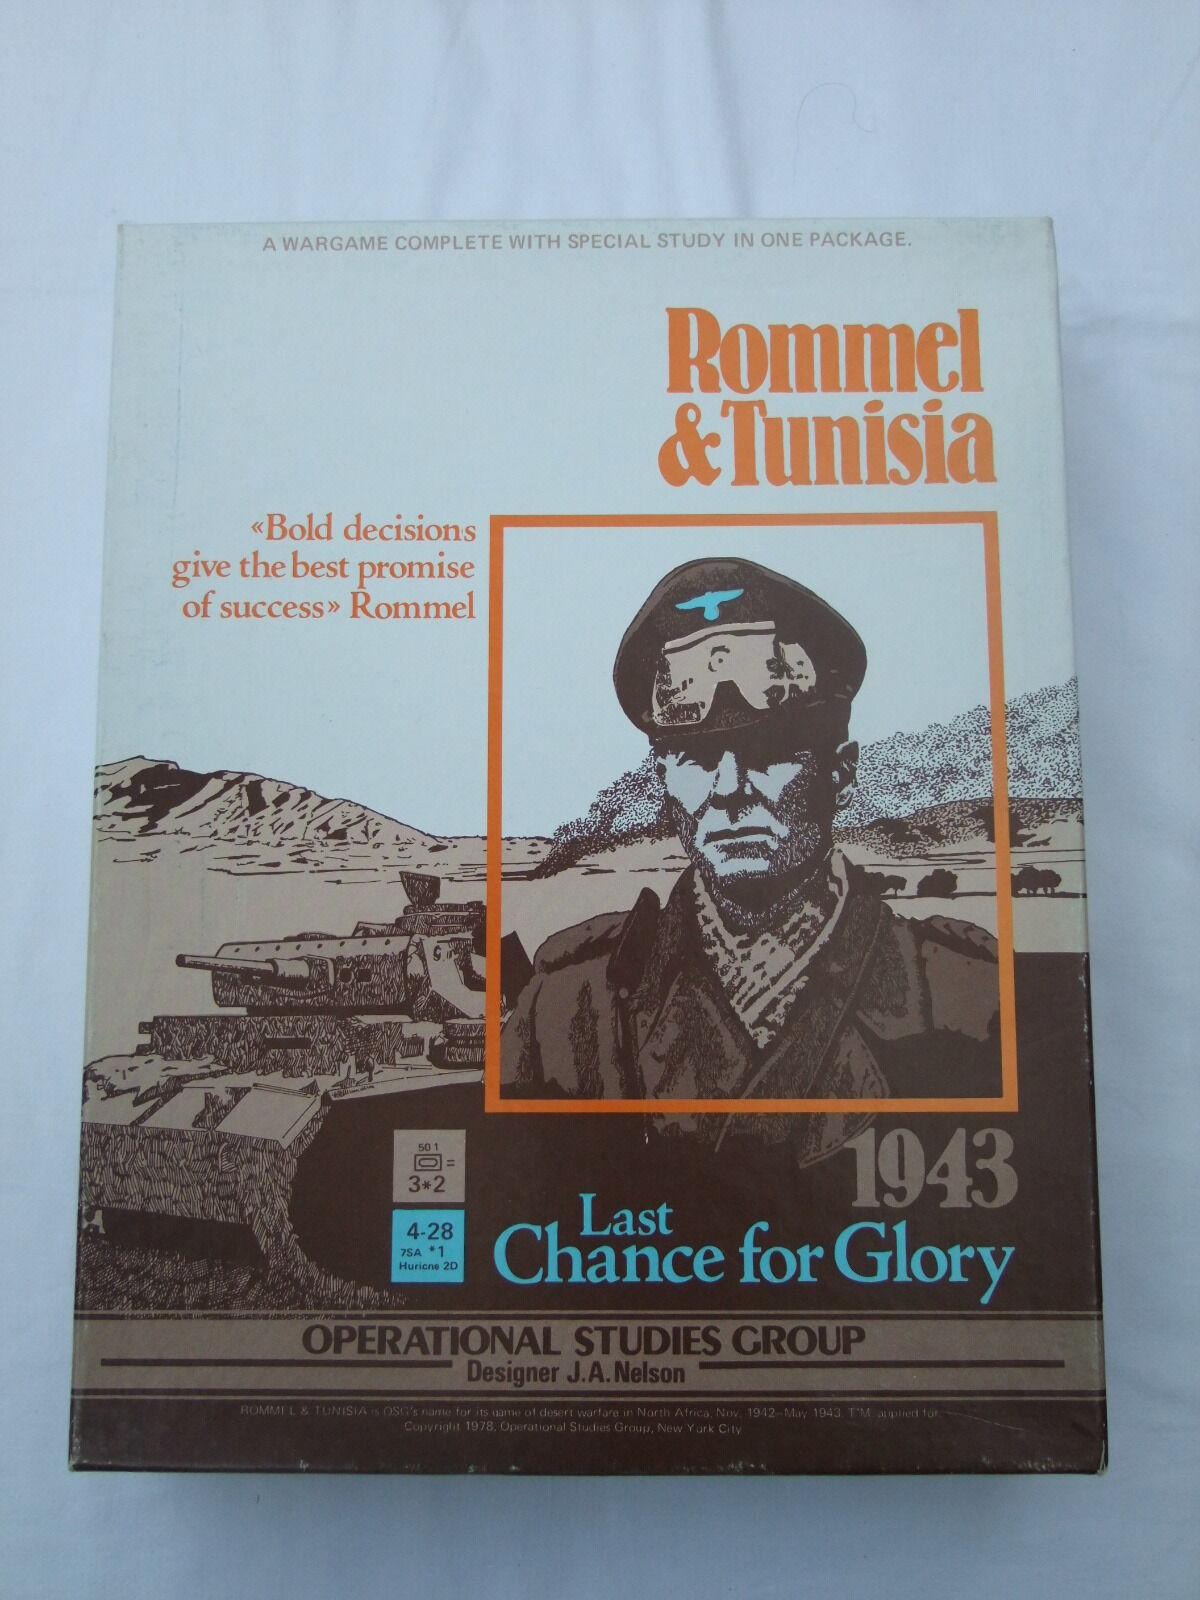 Rommel & Túnez última oportunidad para la gloria 1943 por OSG no 902 mesa warJuego 1978